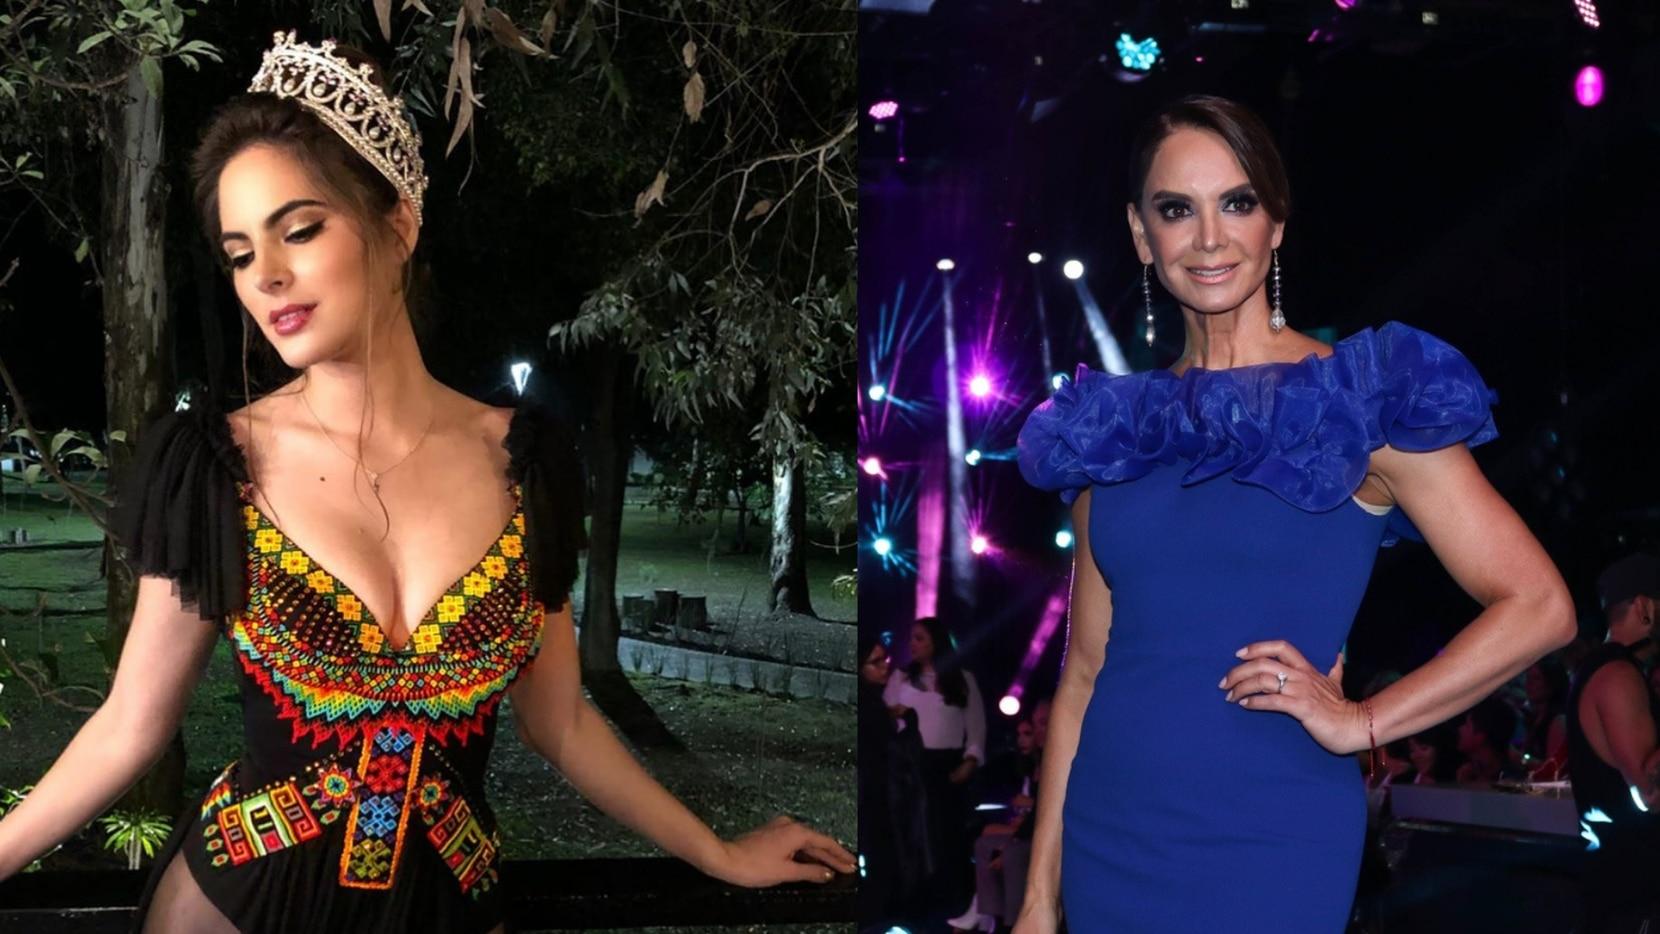 Sofía Aragón acusa a Lupita Jones de violencia doméstica, mientras que la ex Miss Universo de 1991 dice que la conductora de TV Azteca solo abusó de su plataforma.